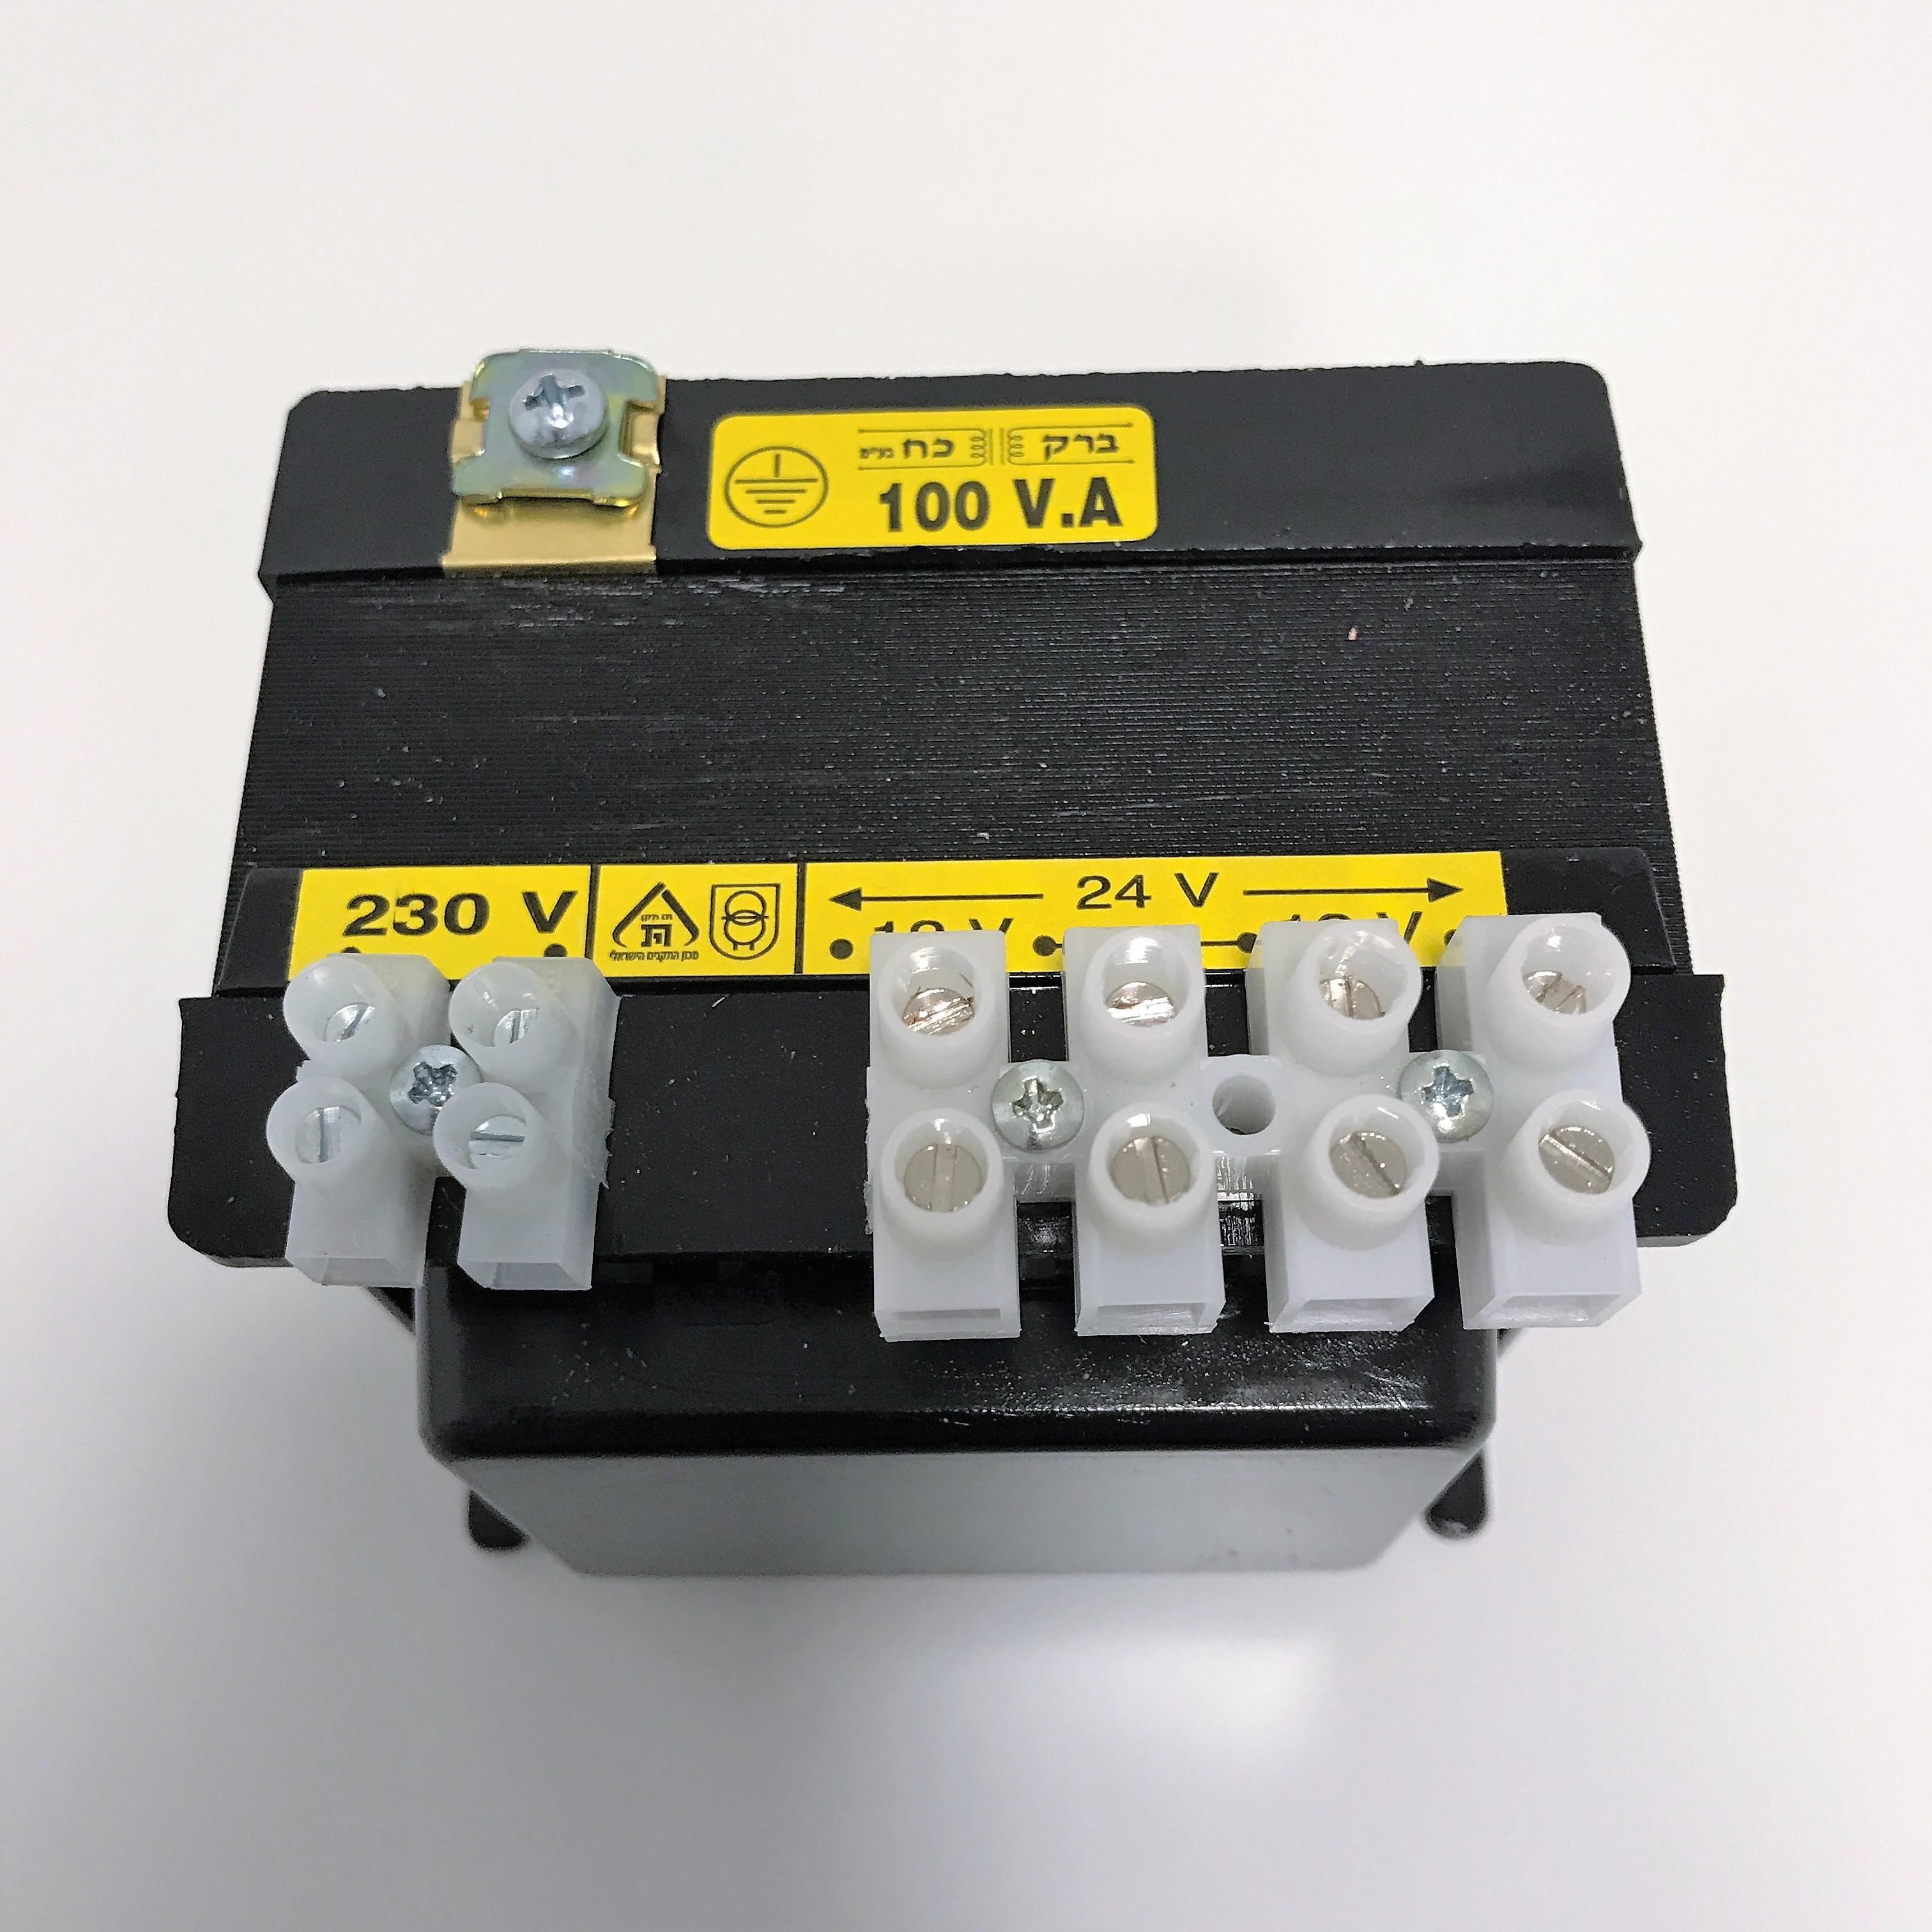 שנאי מבדל בהספק 100VA במתחים 230V-24V